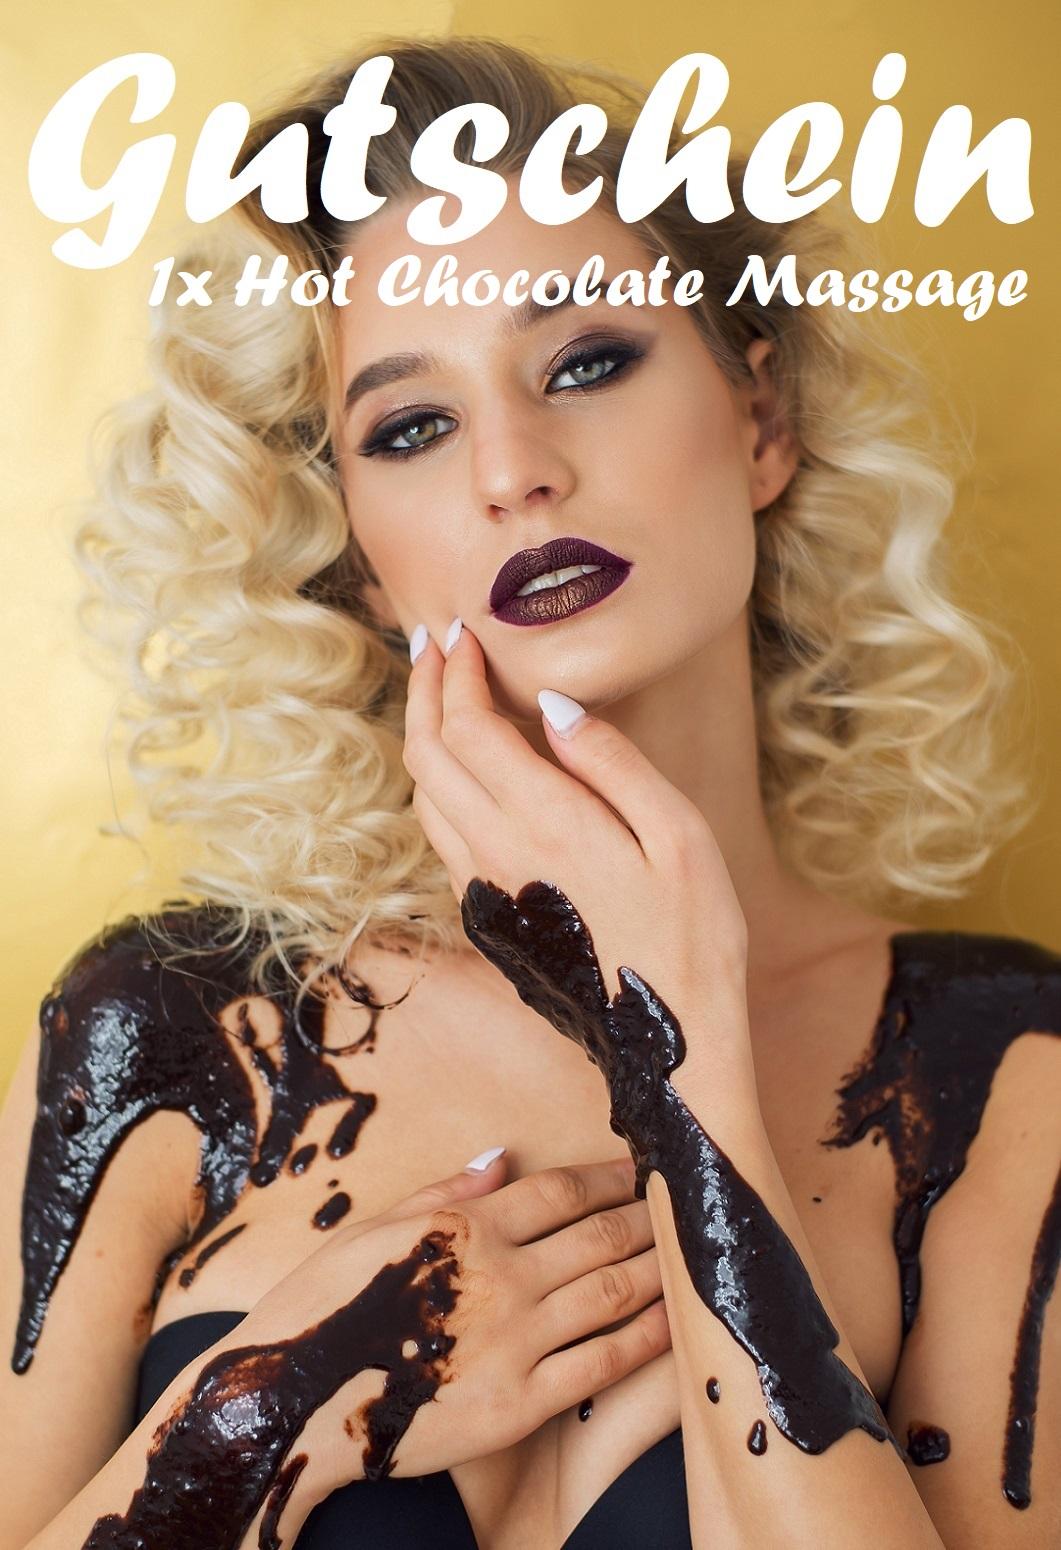 Gutscheinvorlage für Hot Chocolate Massagen